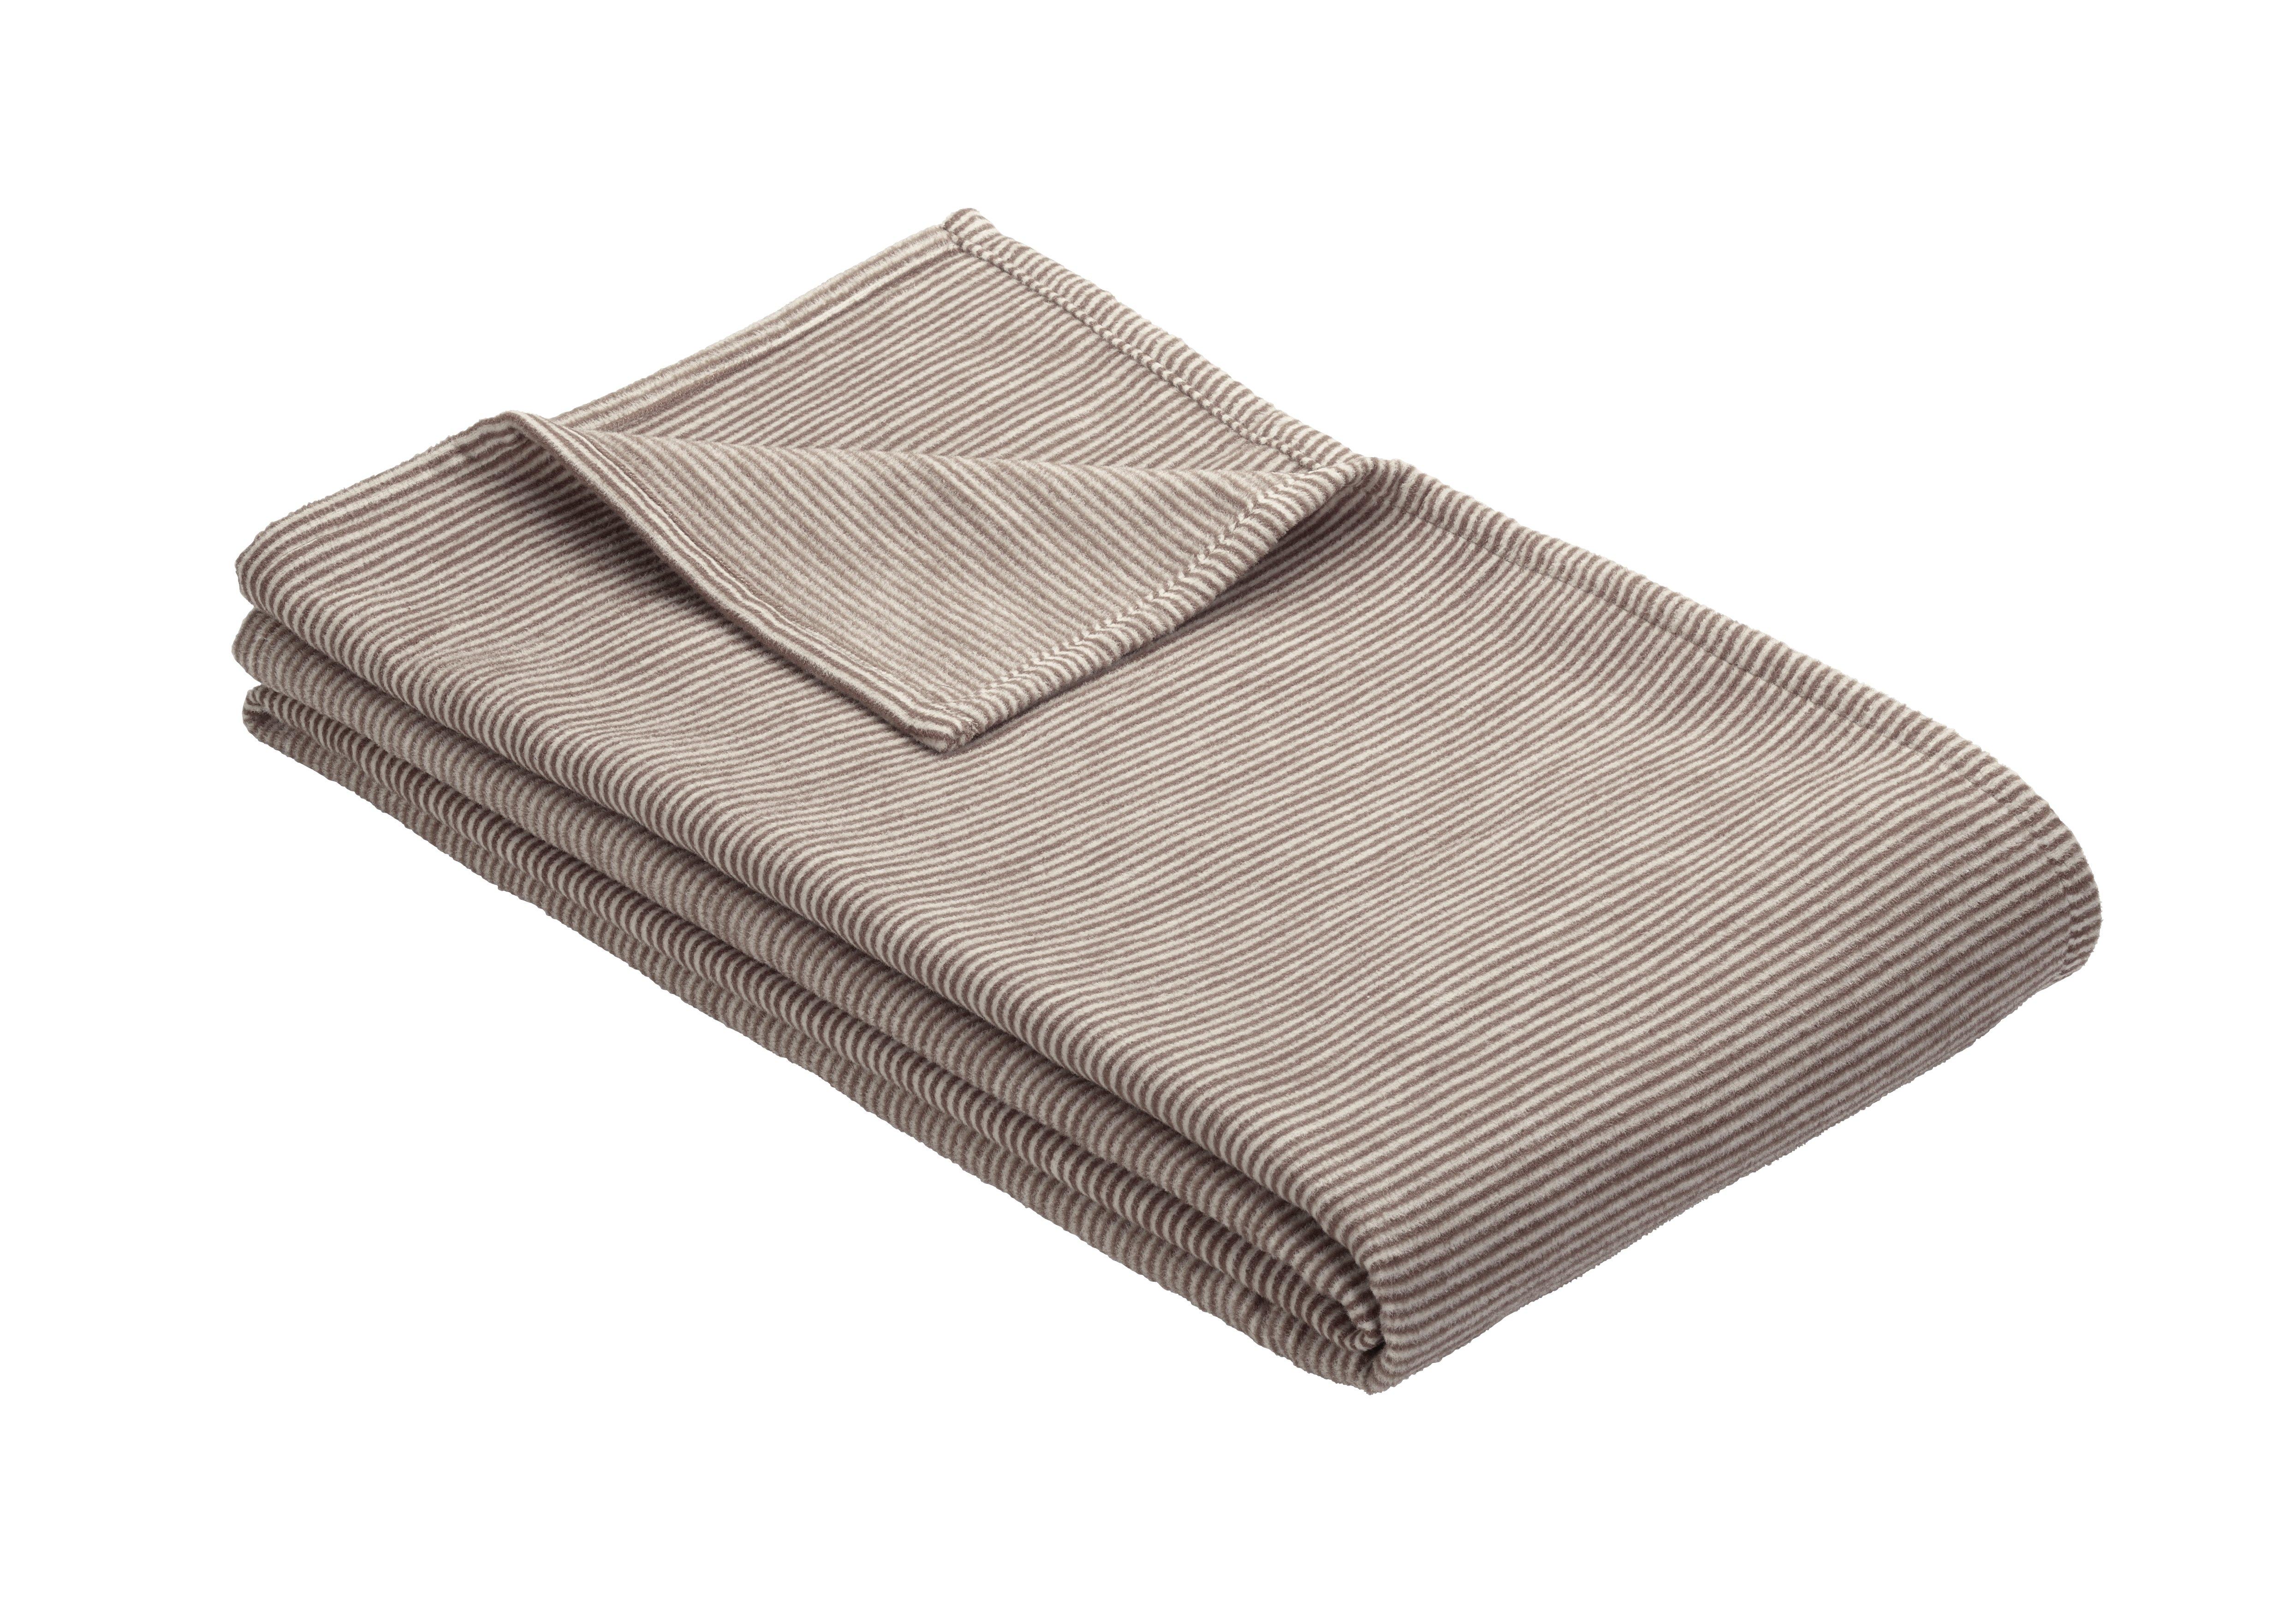 Jacq. Decke Turin mit GOTS-Zertifikat Braun 140x200 cm